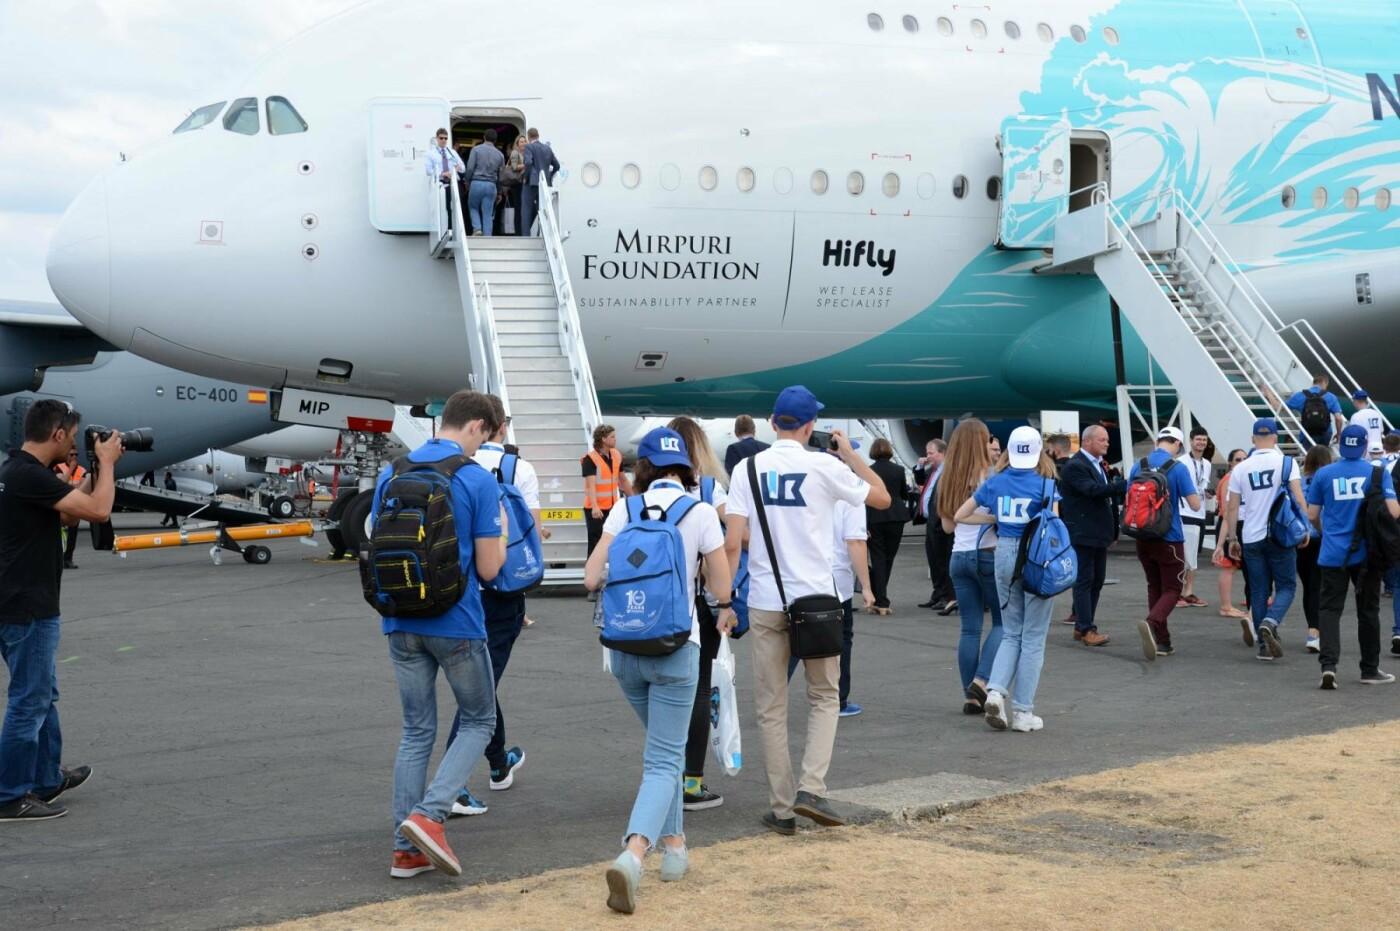 Борис Колесников отправил студентов из Покровска на авиафорум в Лондон, фото-3